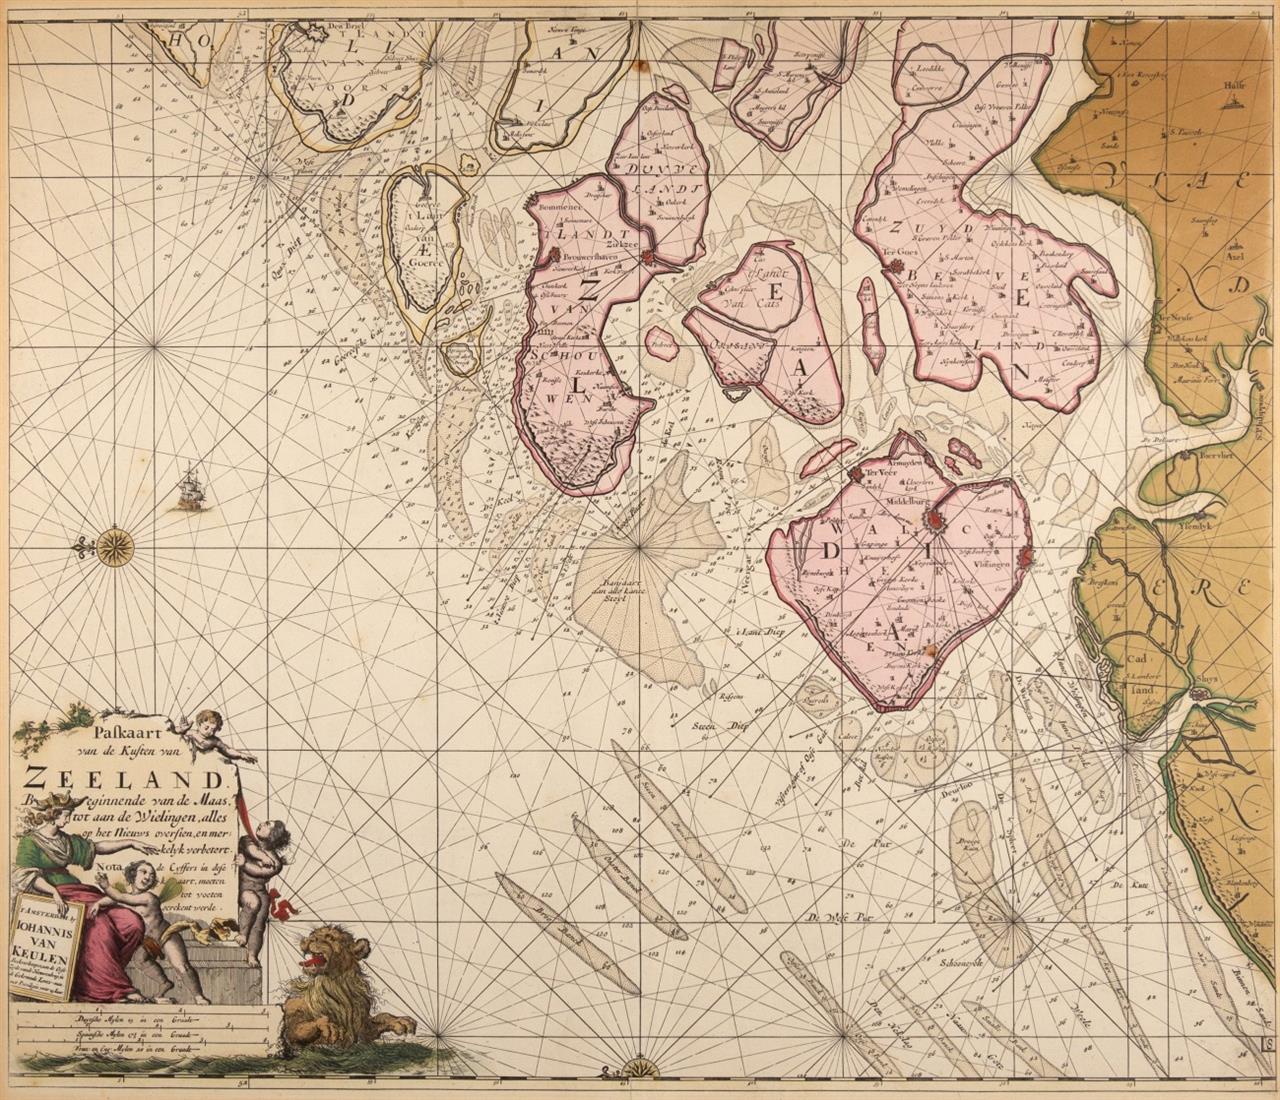 Paskaart van de Kusten van Zeeland. Kolor. Kupferstichkarte bei J. van Keulen, um 1704.